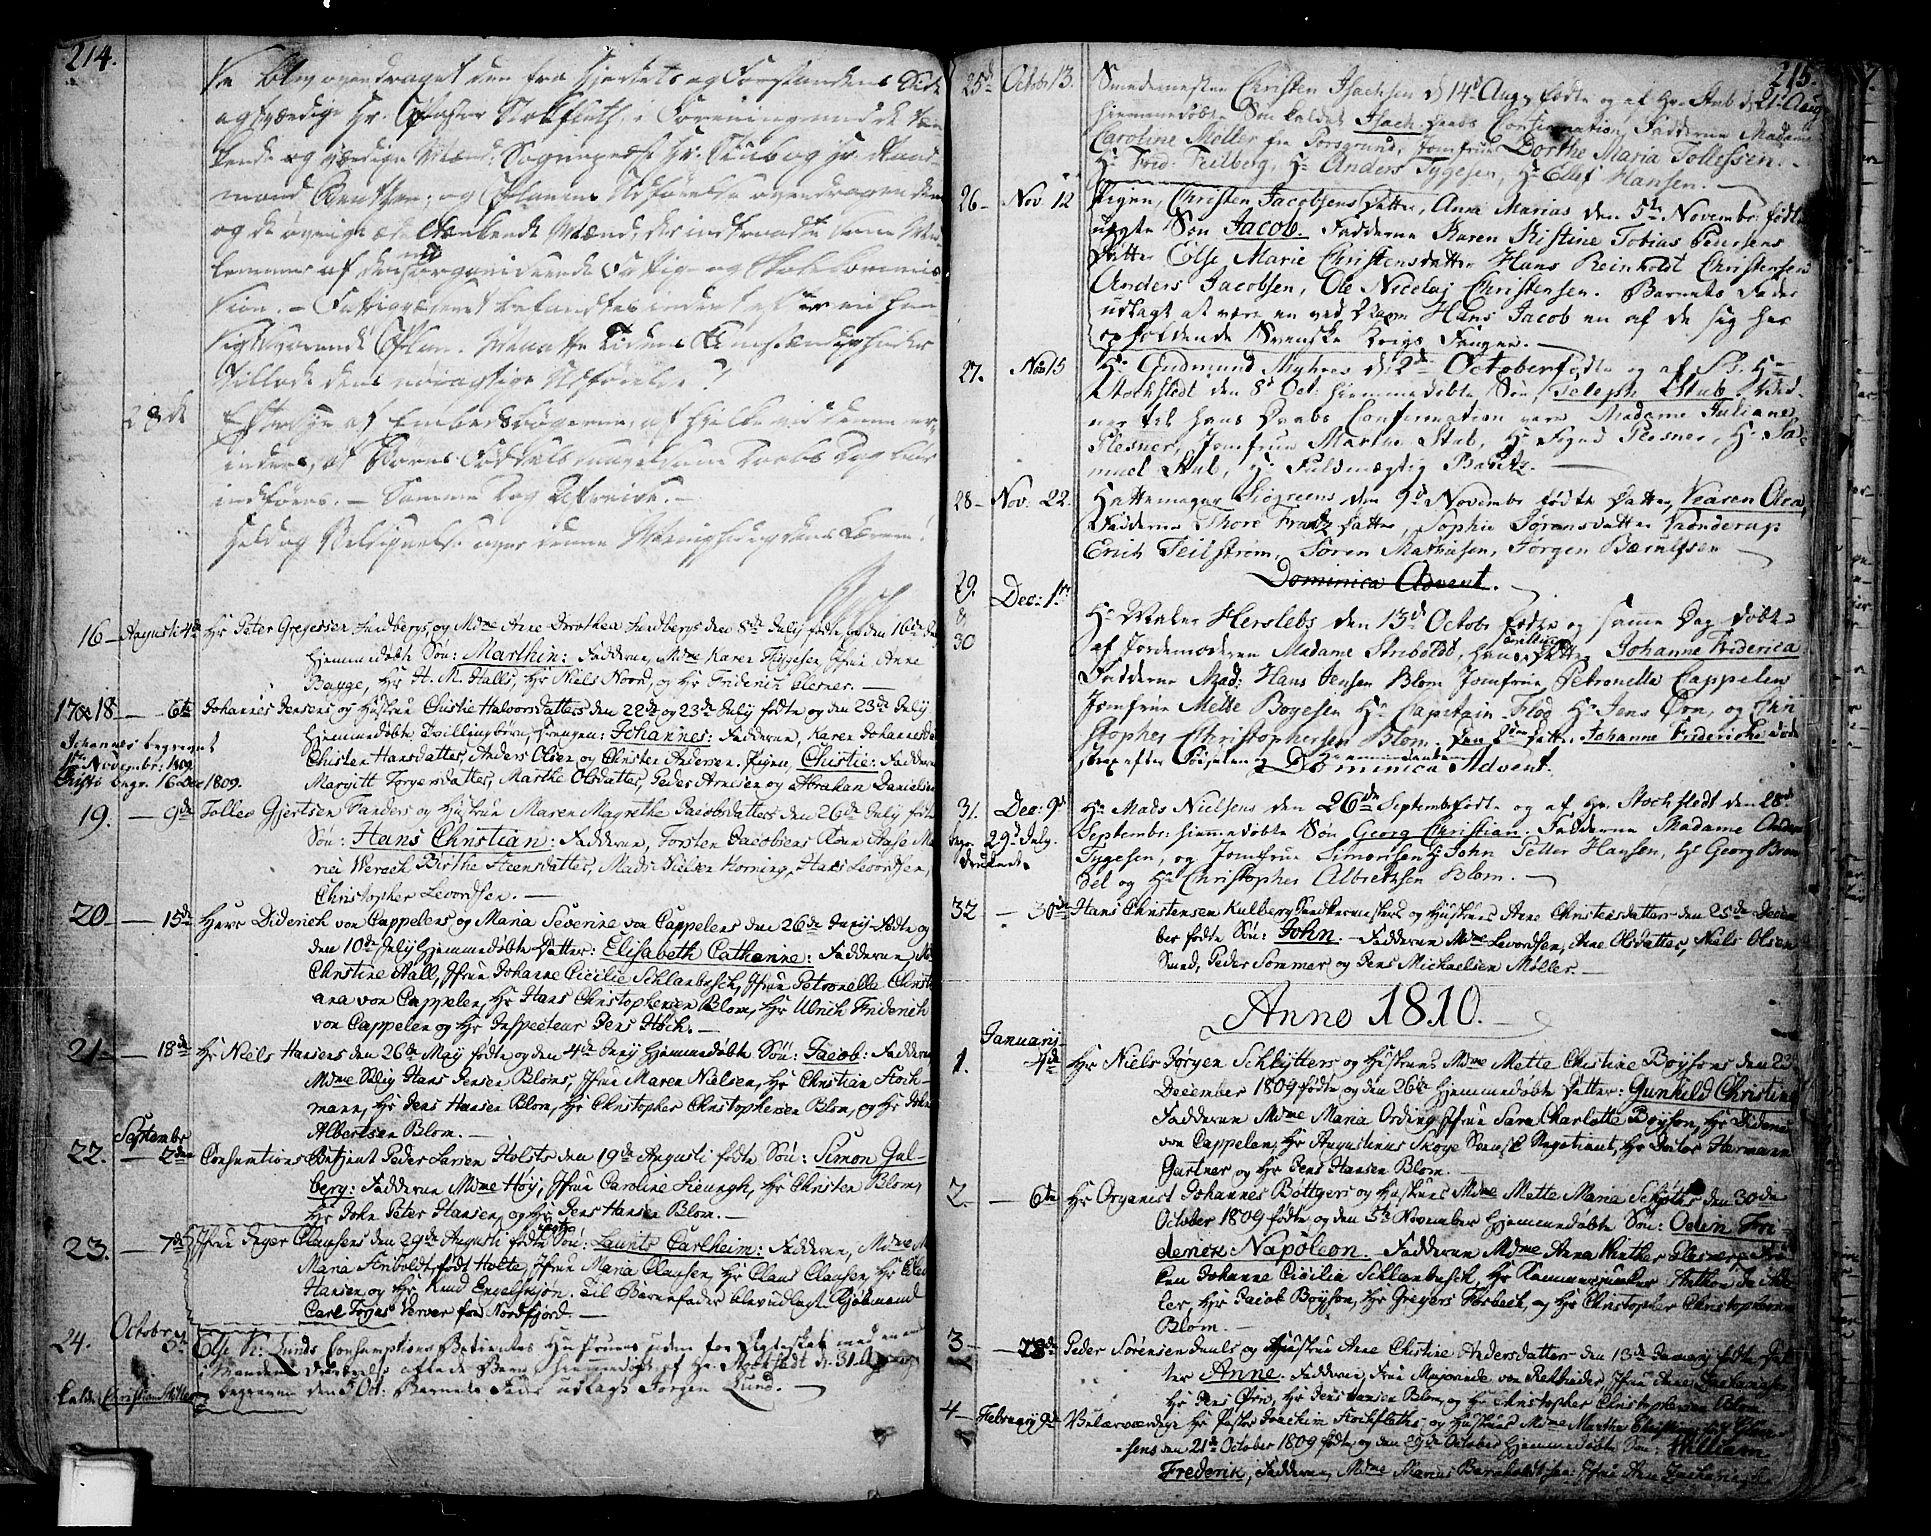 SAKO, Skien kirkebøker, F/Fa/L0004: Ministerialbok nr. 4, 1792-1814, s. 214-215